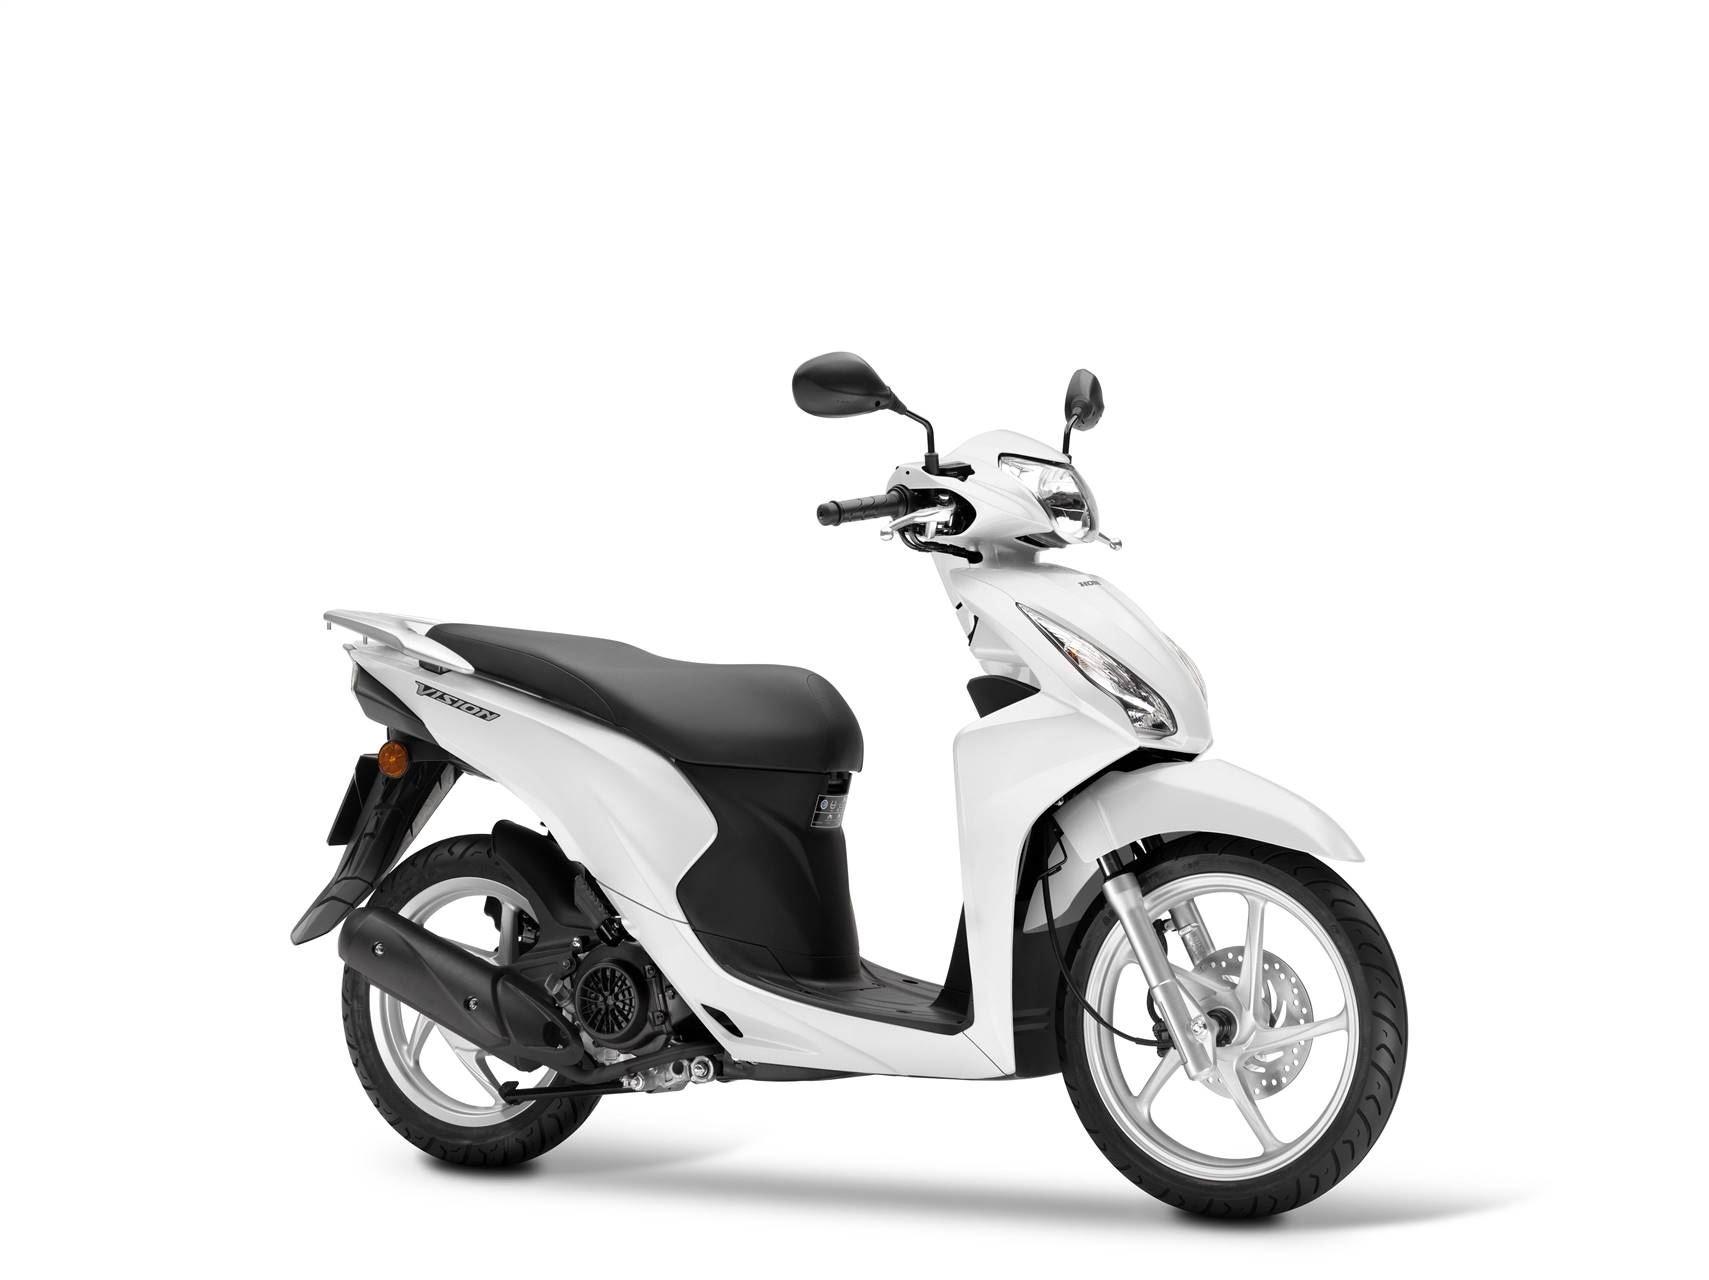 honda vision 110 scooter scooters andar de moto. Black Bedroom Furniture Sets. Home Design Ideas